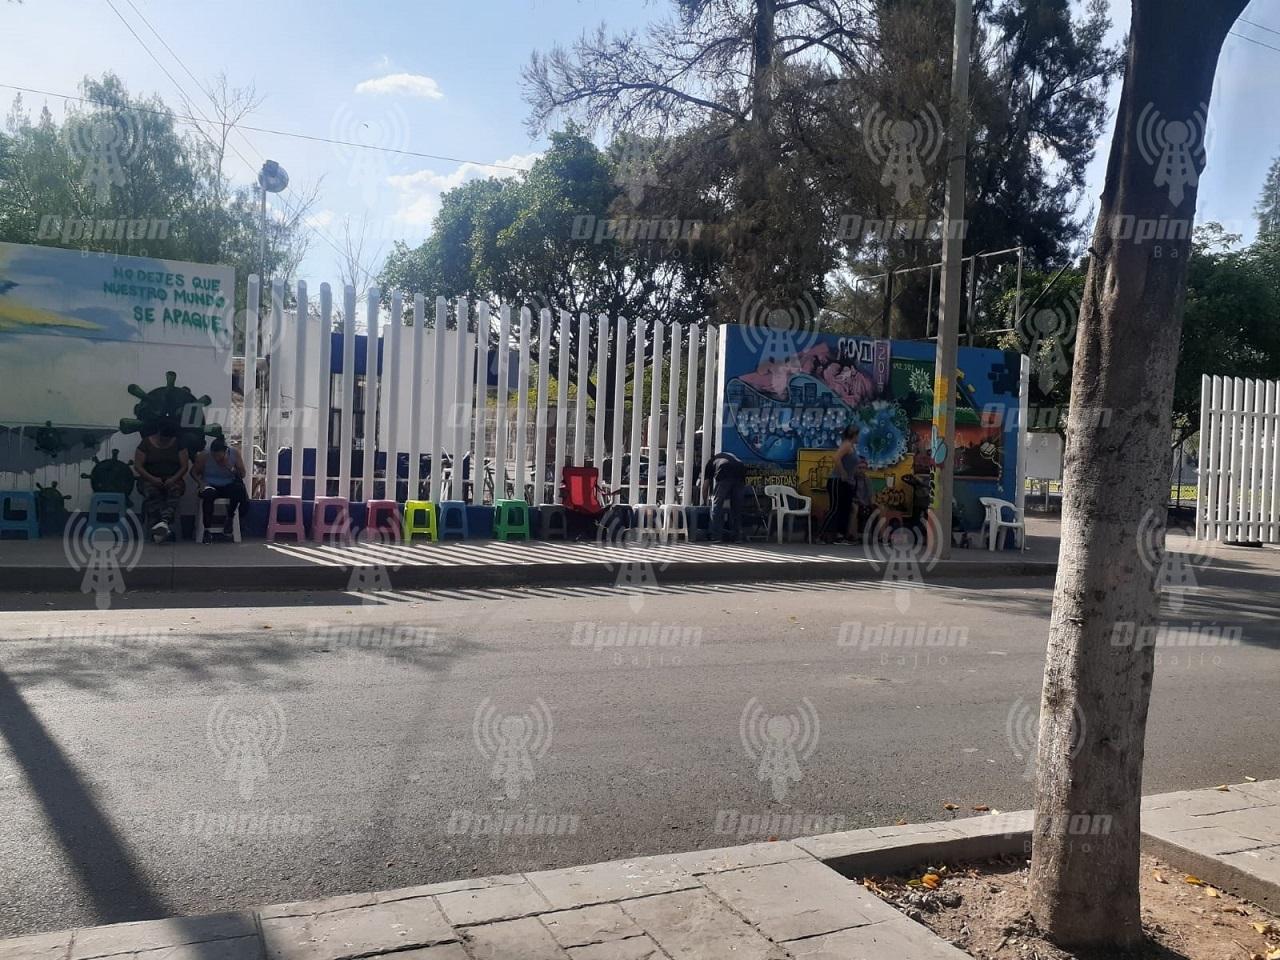 El colmo: a 36 horas de vacunación a 50 a 59 años, ya hay filas en Irapuato